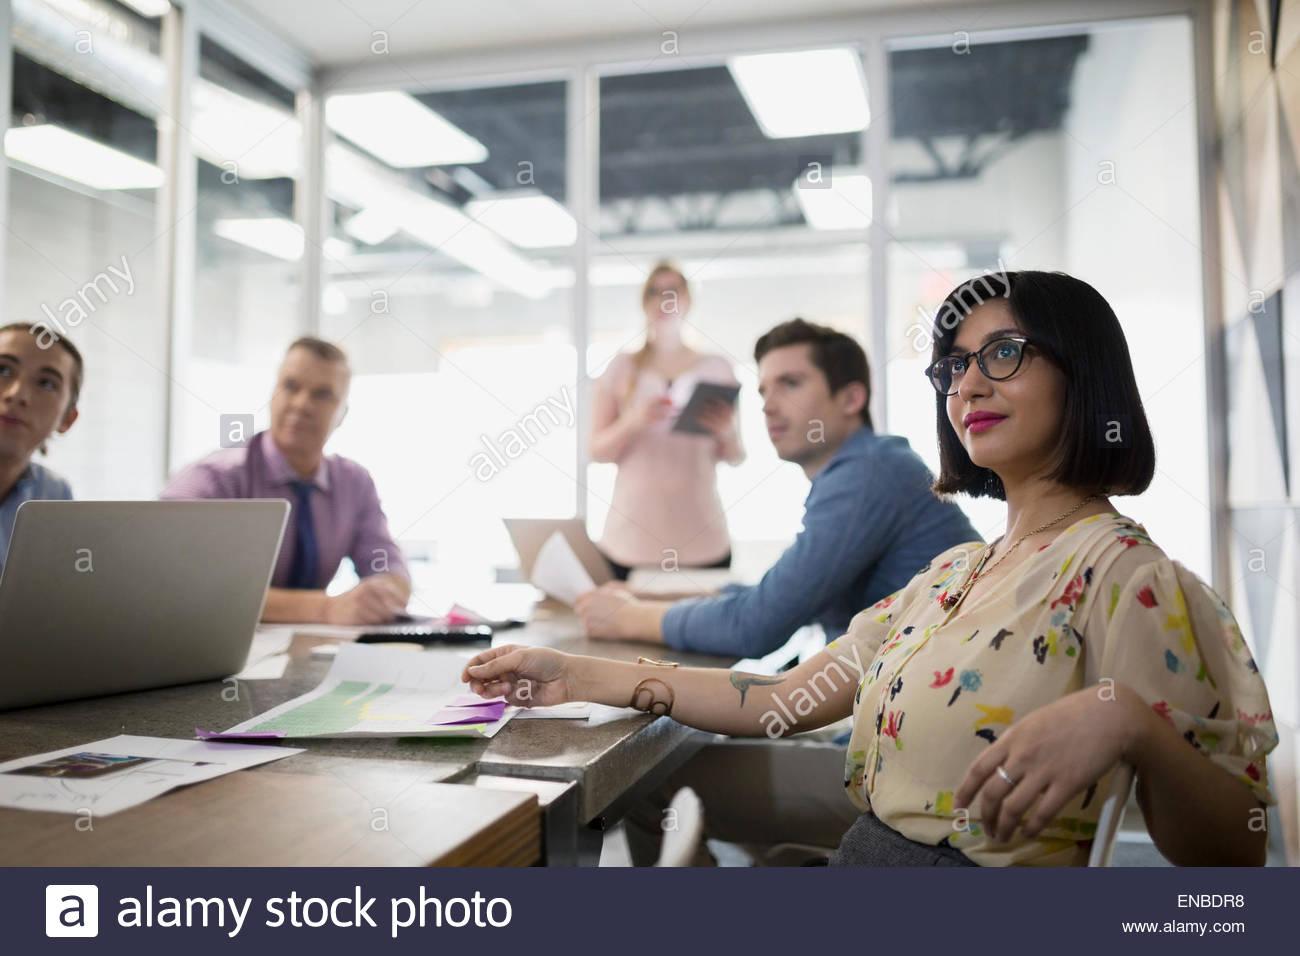 La empresaria sonriendo en la sala de reuniónFoto de stock